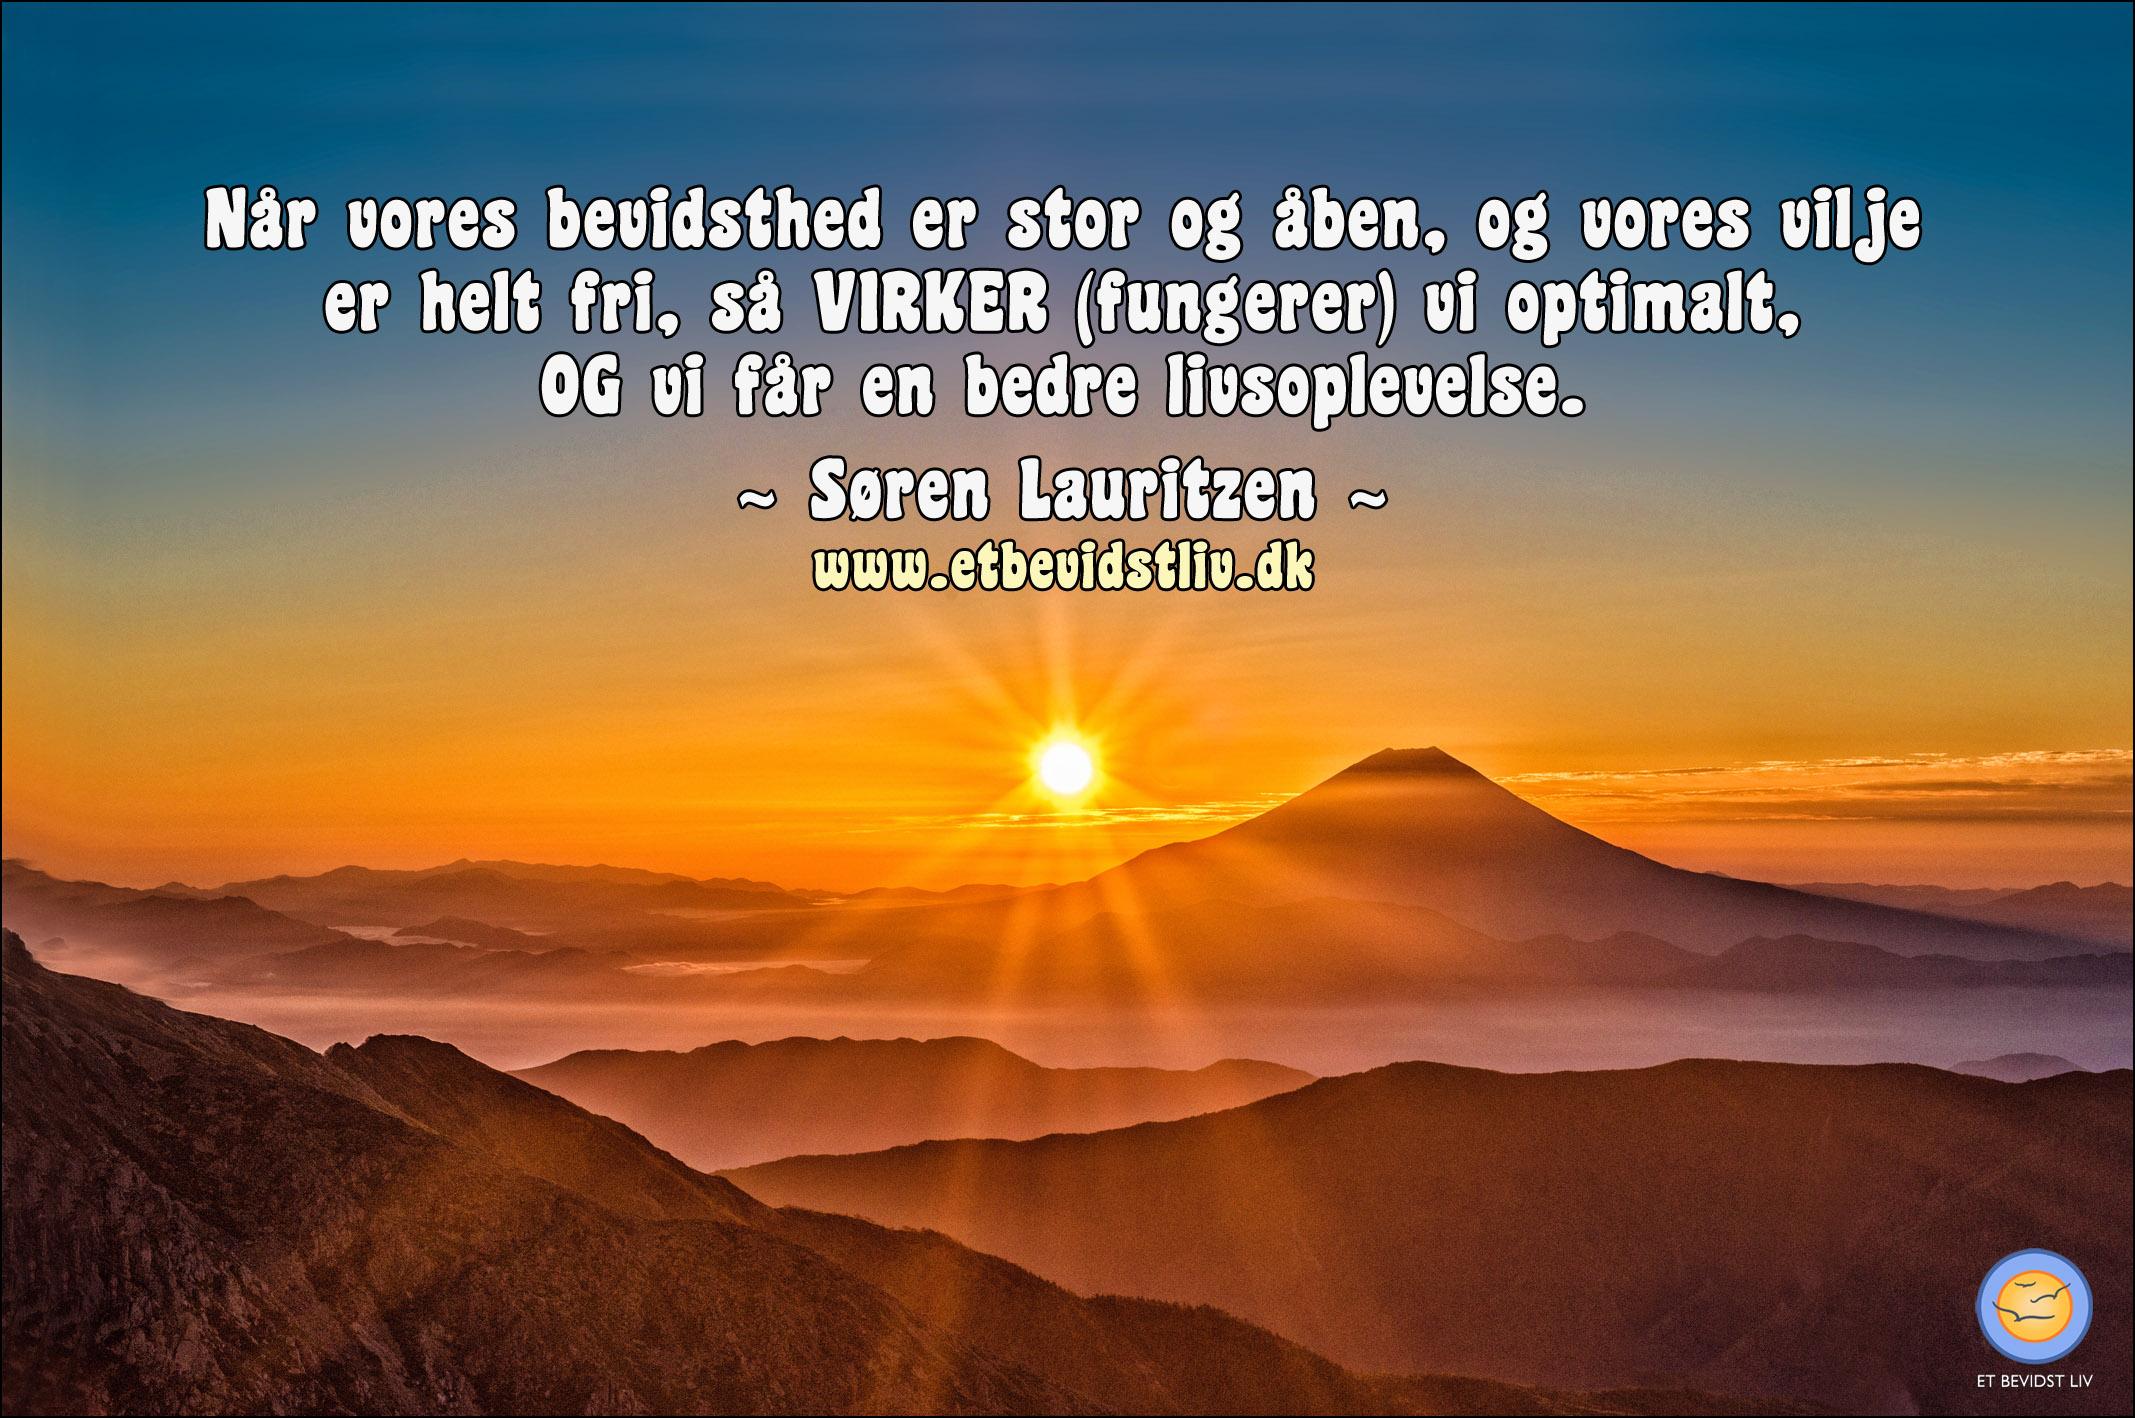 Foto: Vid udsigt over bjergtoppe i en begyndende solnedgang. Tekst: Når vores bevidsthed er stor og åben, og vores vilje er helt fri, så VIRKER (fungerer) vi optimalt, OG vi får en bedre livsoplevelse. (Søren Lauritzen)